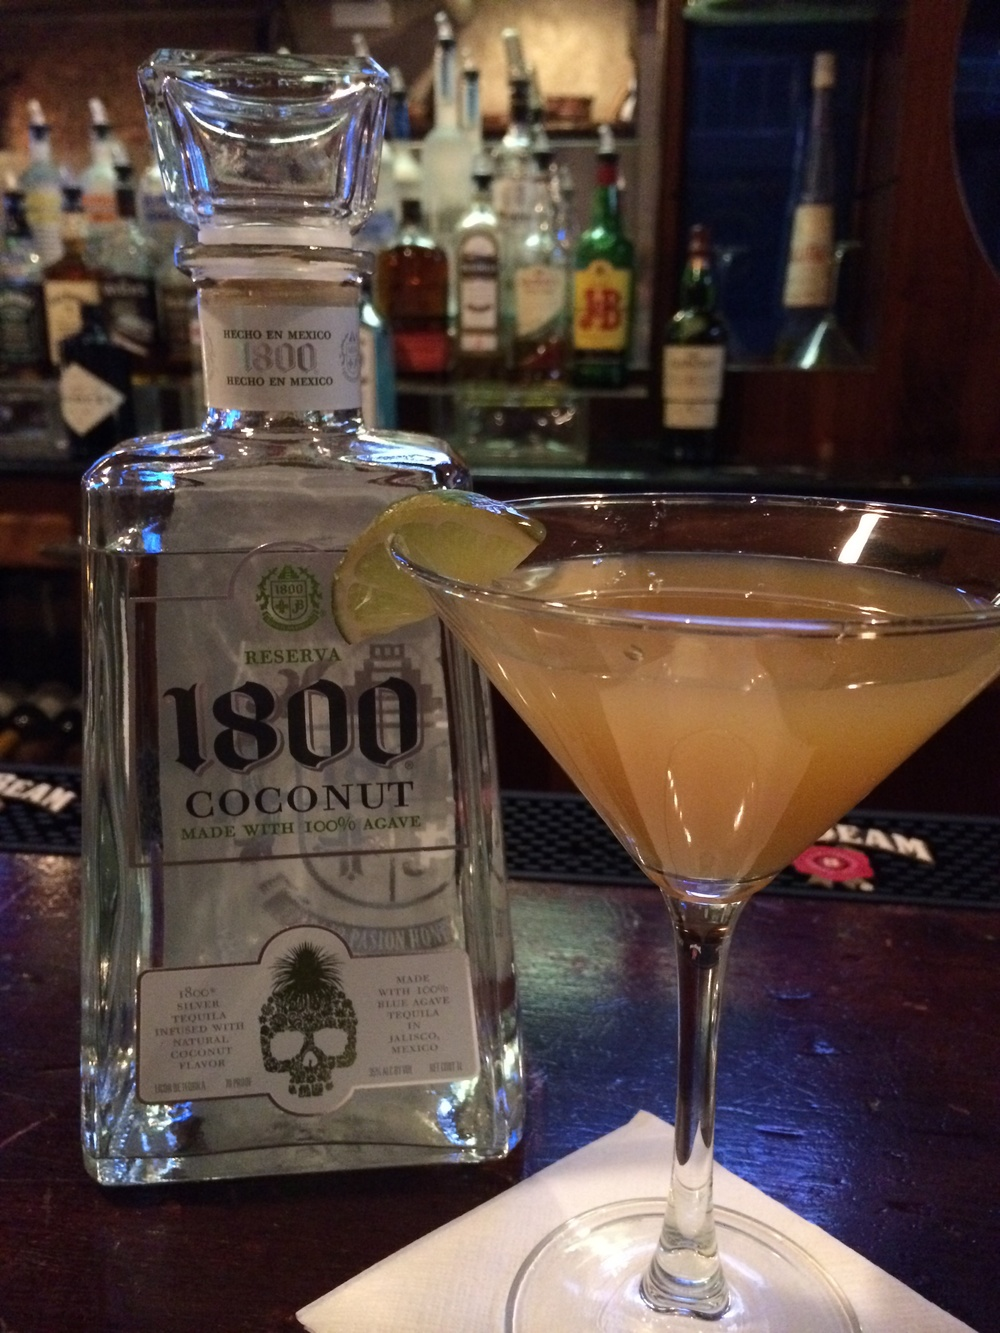 Delicious signature cocktails at Templestowe Pub in Chicago